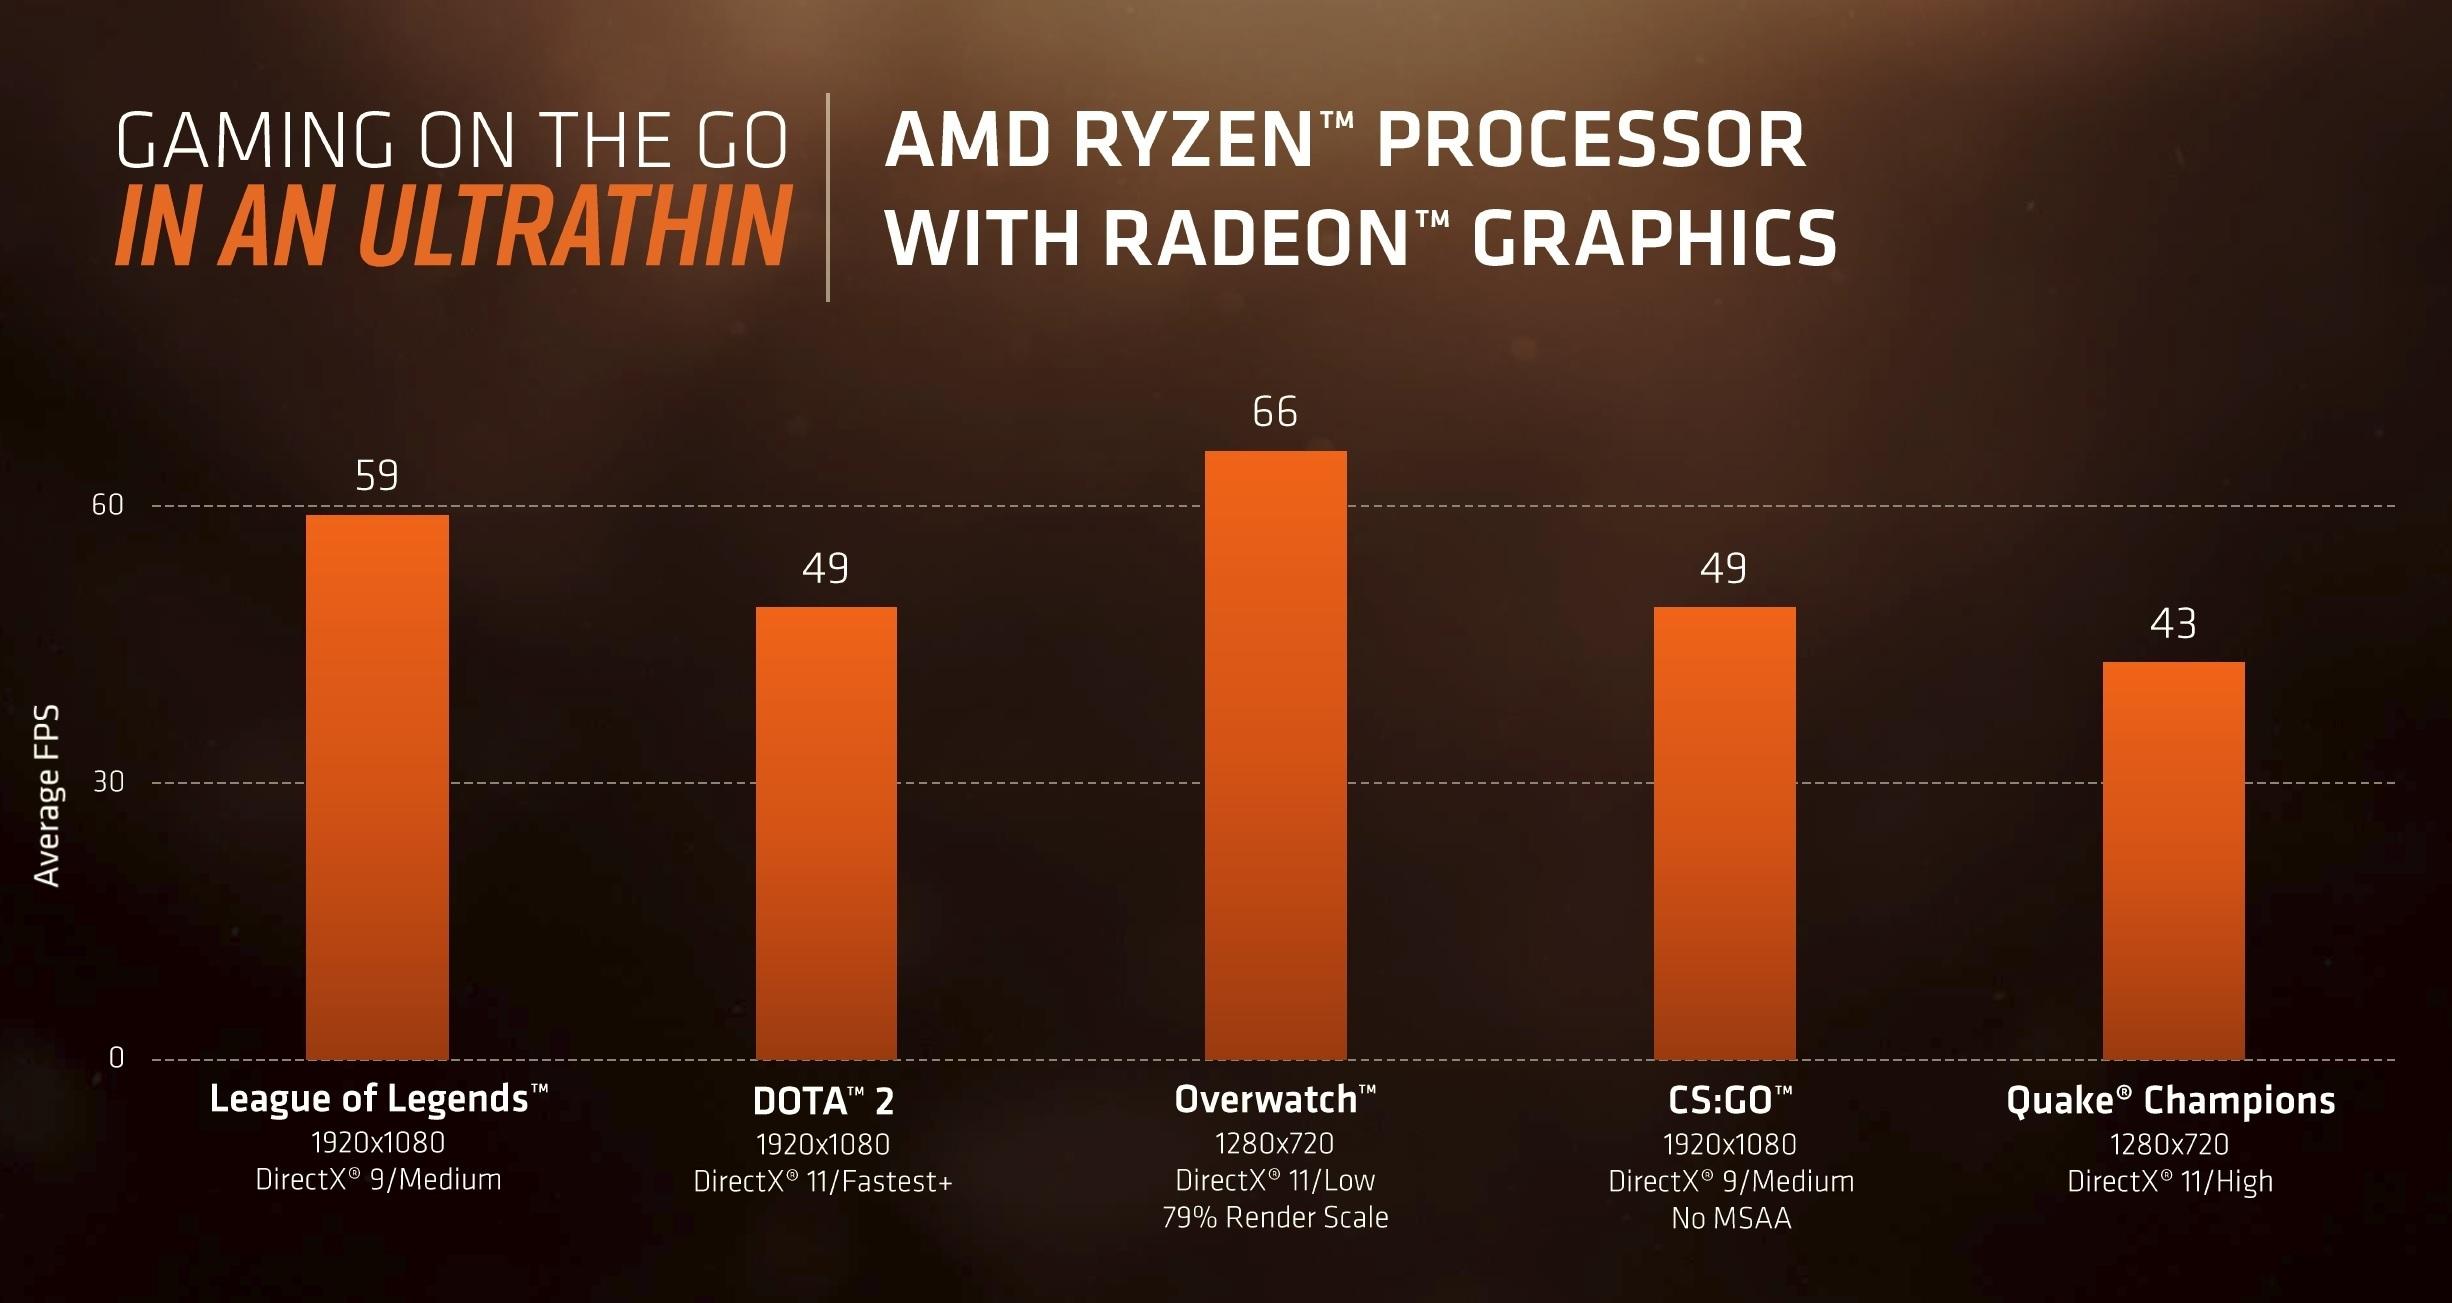 신제품 라이젠 7과 라이젠 5이 탑재된 노트북 PC의 게임 성능은 꽤 우수할 것으로 판단된다.